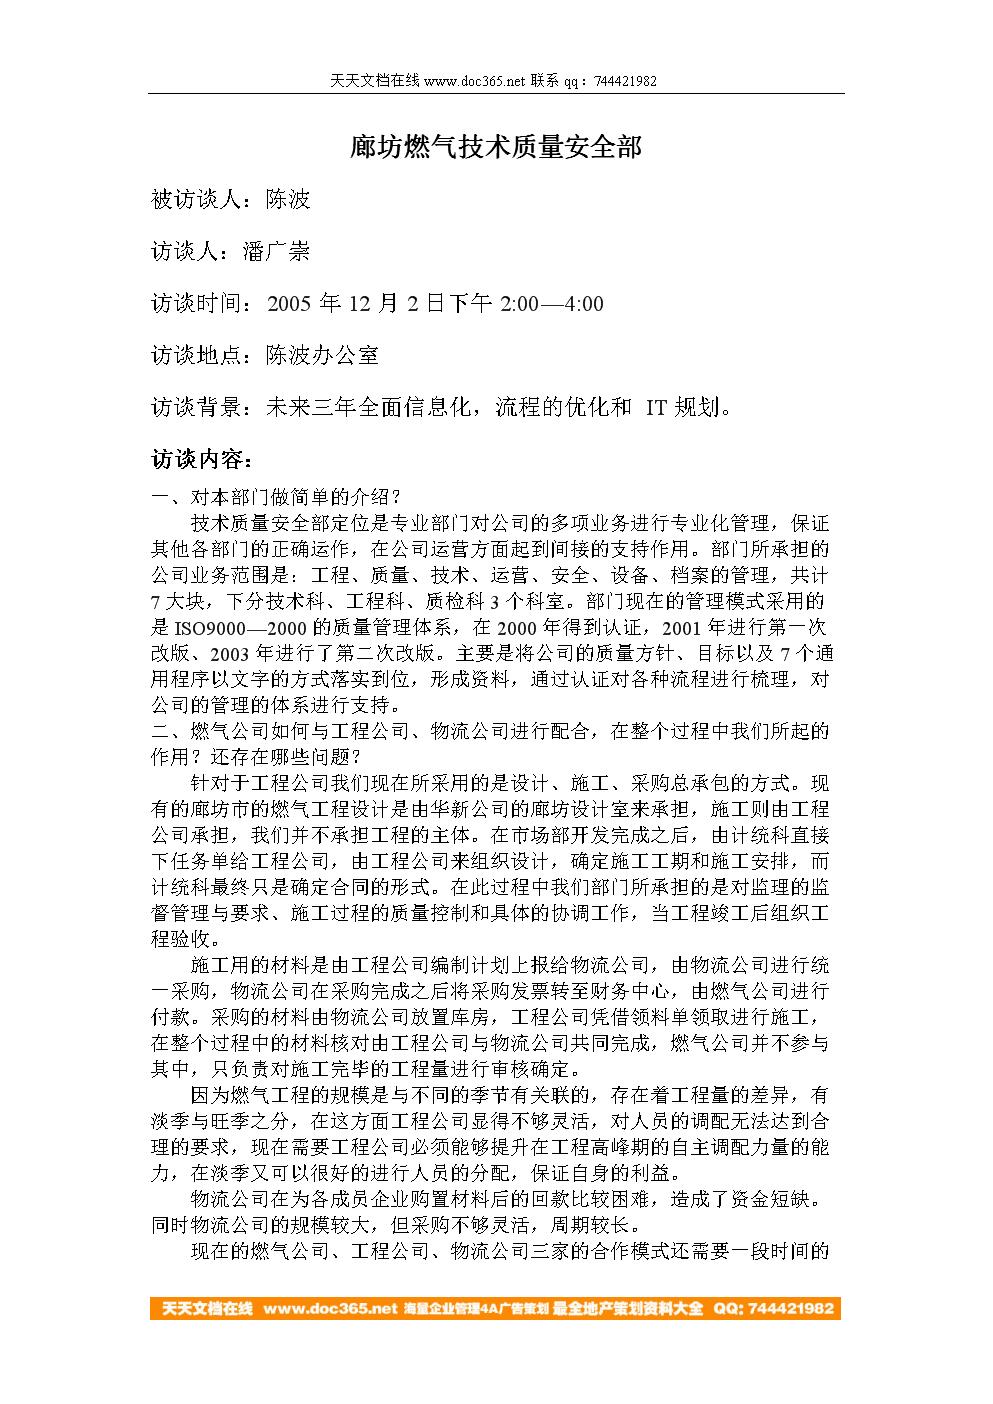 IBM-新奥燃气控股集团—051202廊坊燃气技术质量安全部(陈波)_李彬.doc